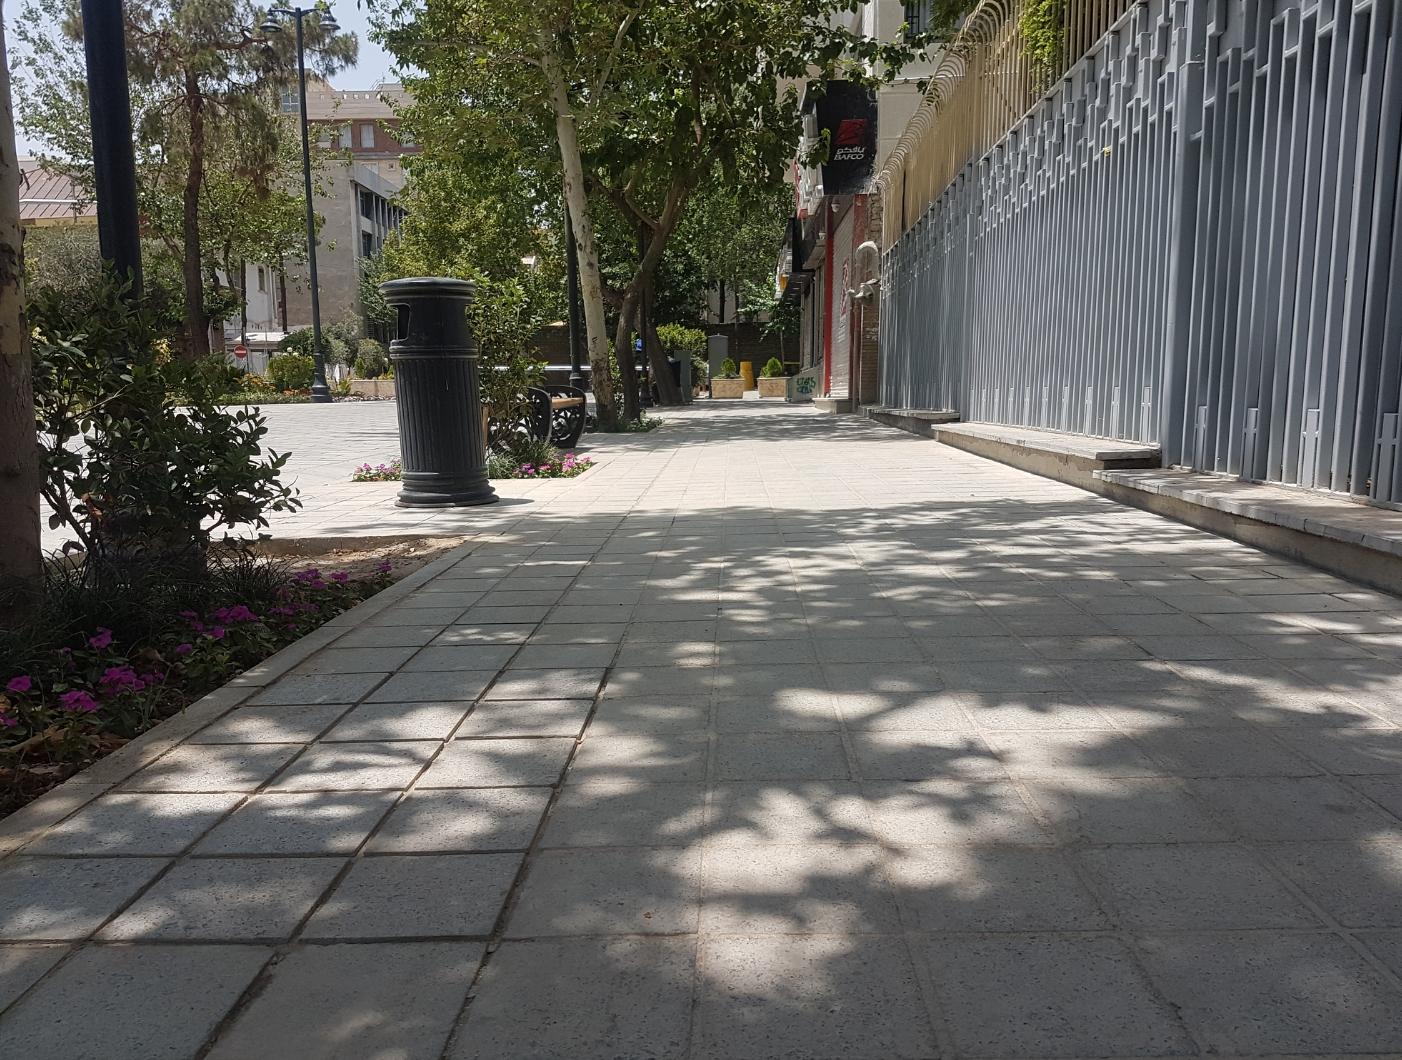 شیپور افتتاح برای پیاده راهی که هنوز ناقص مانده/ گذر شهریار برای معلولان مناسب سازی کامل نشده است